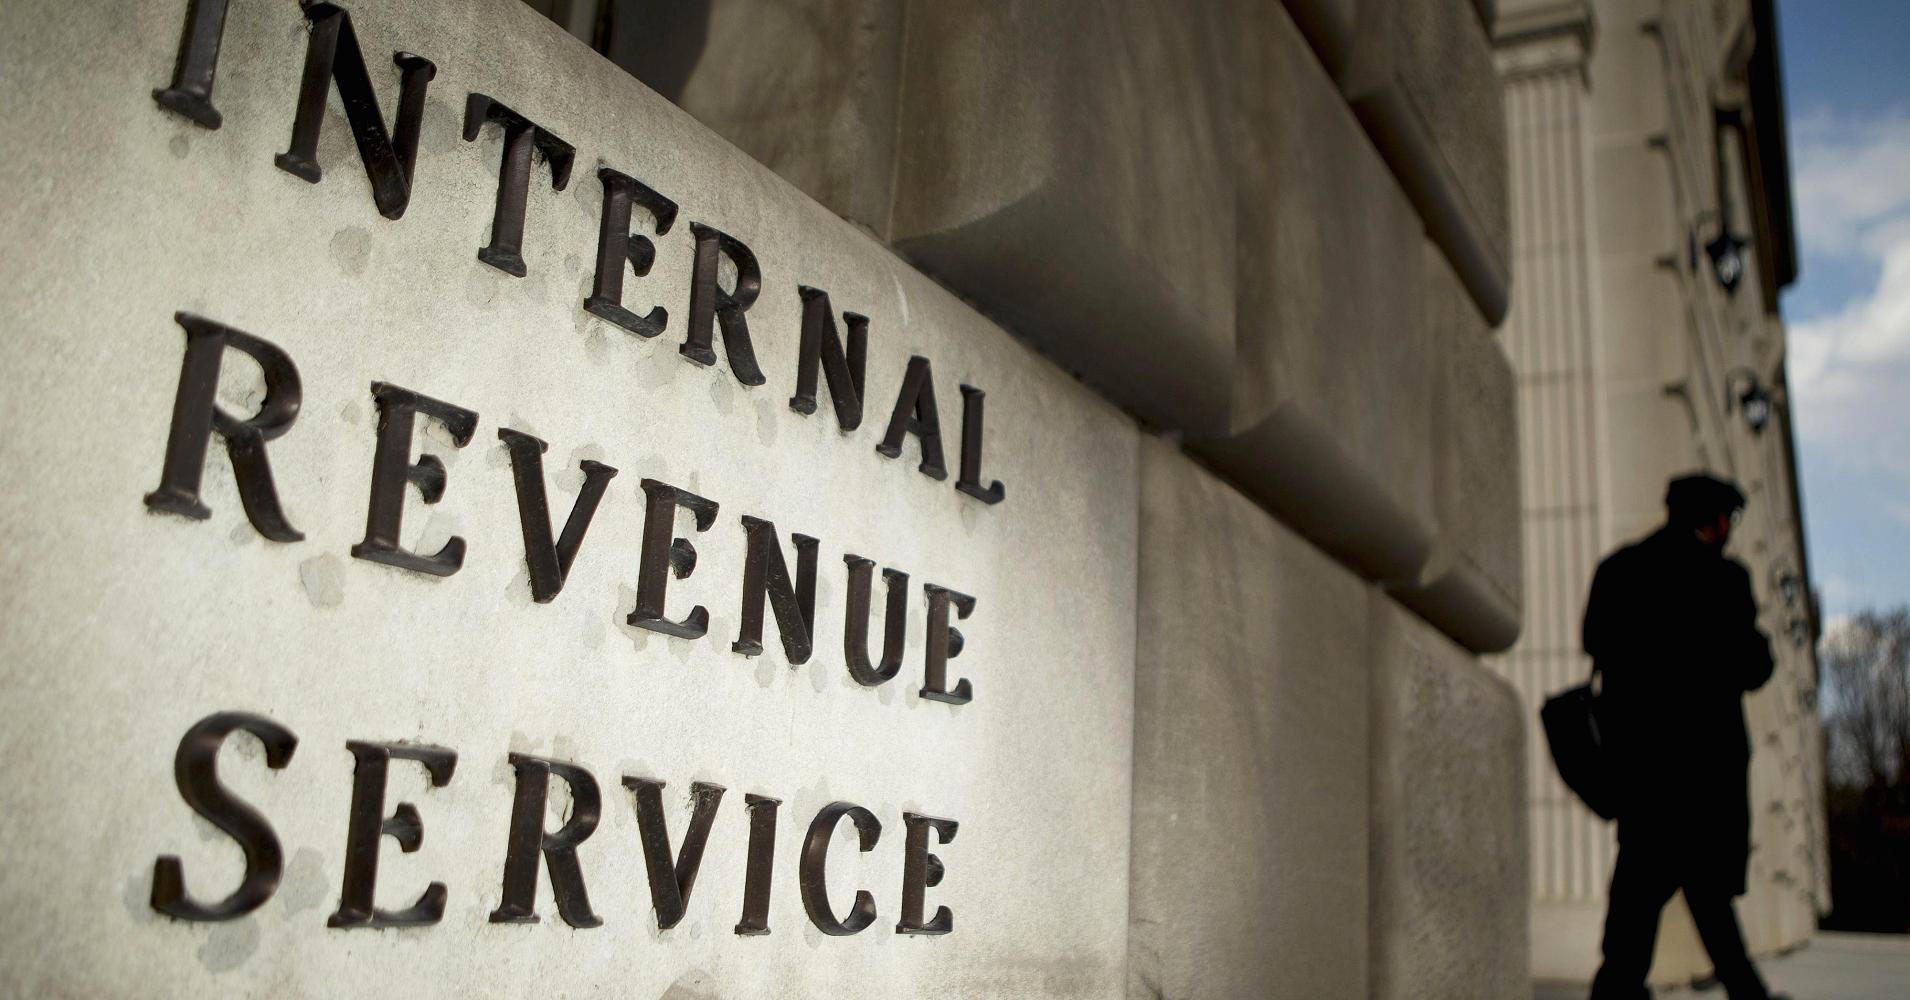 不能逃避加密税!美国财政部提议扩大加密货币纳税申报要求